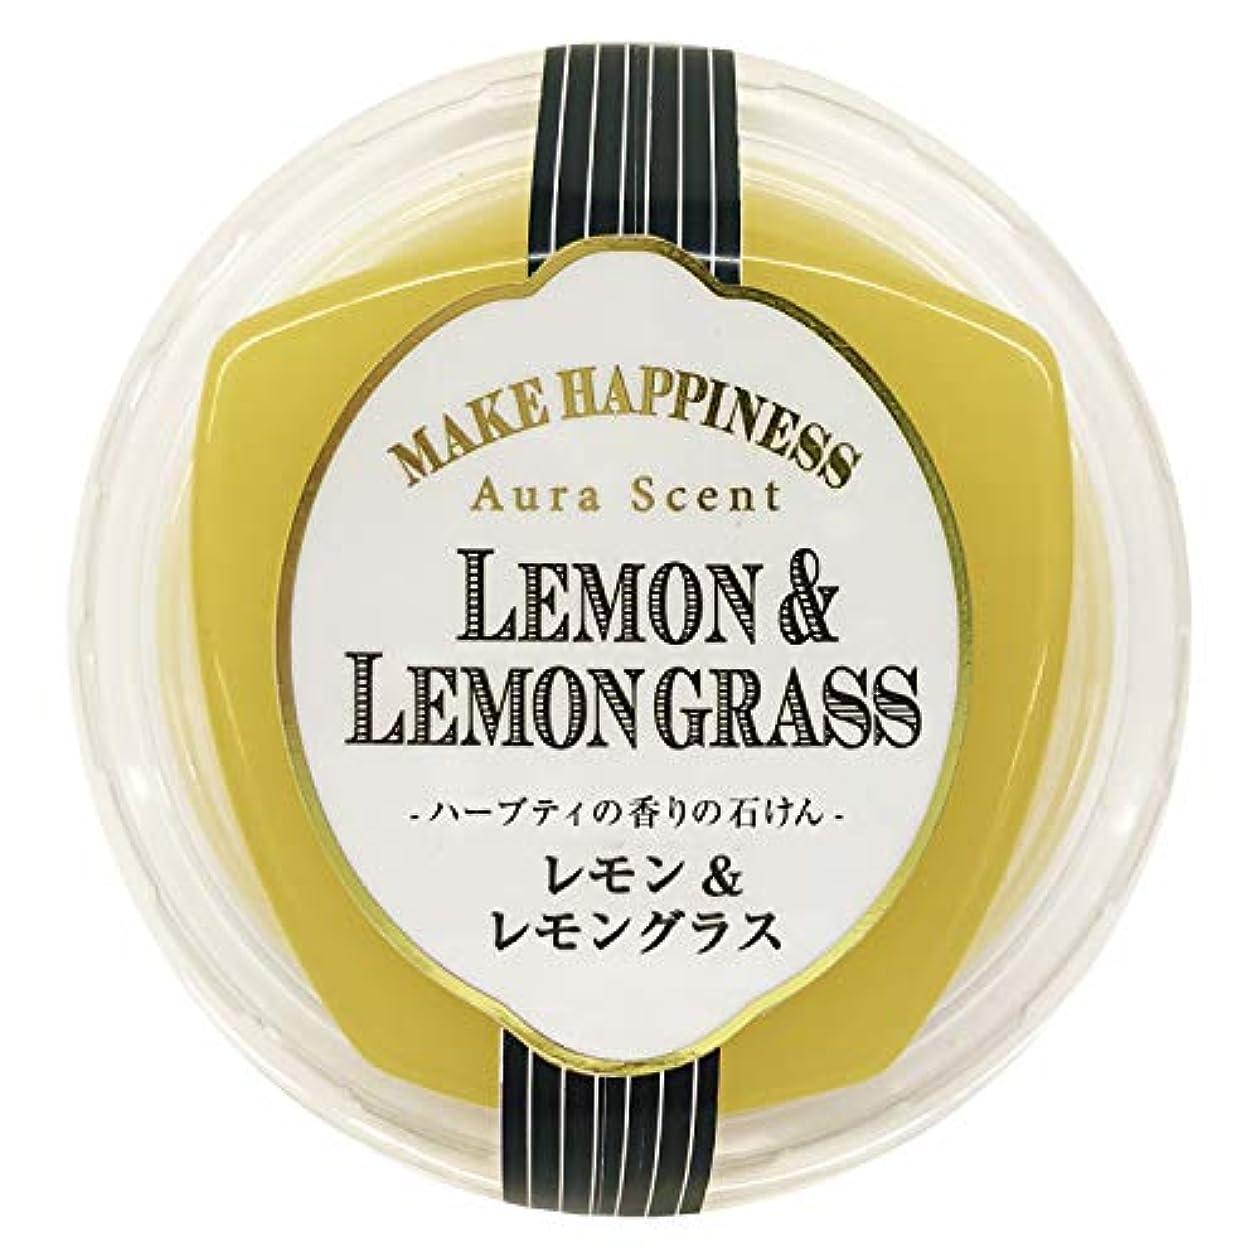 ジャングルトロピカルステージペリカン石鹸 オーラセント クリアソープレモン&レモングラス 75g